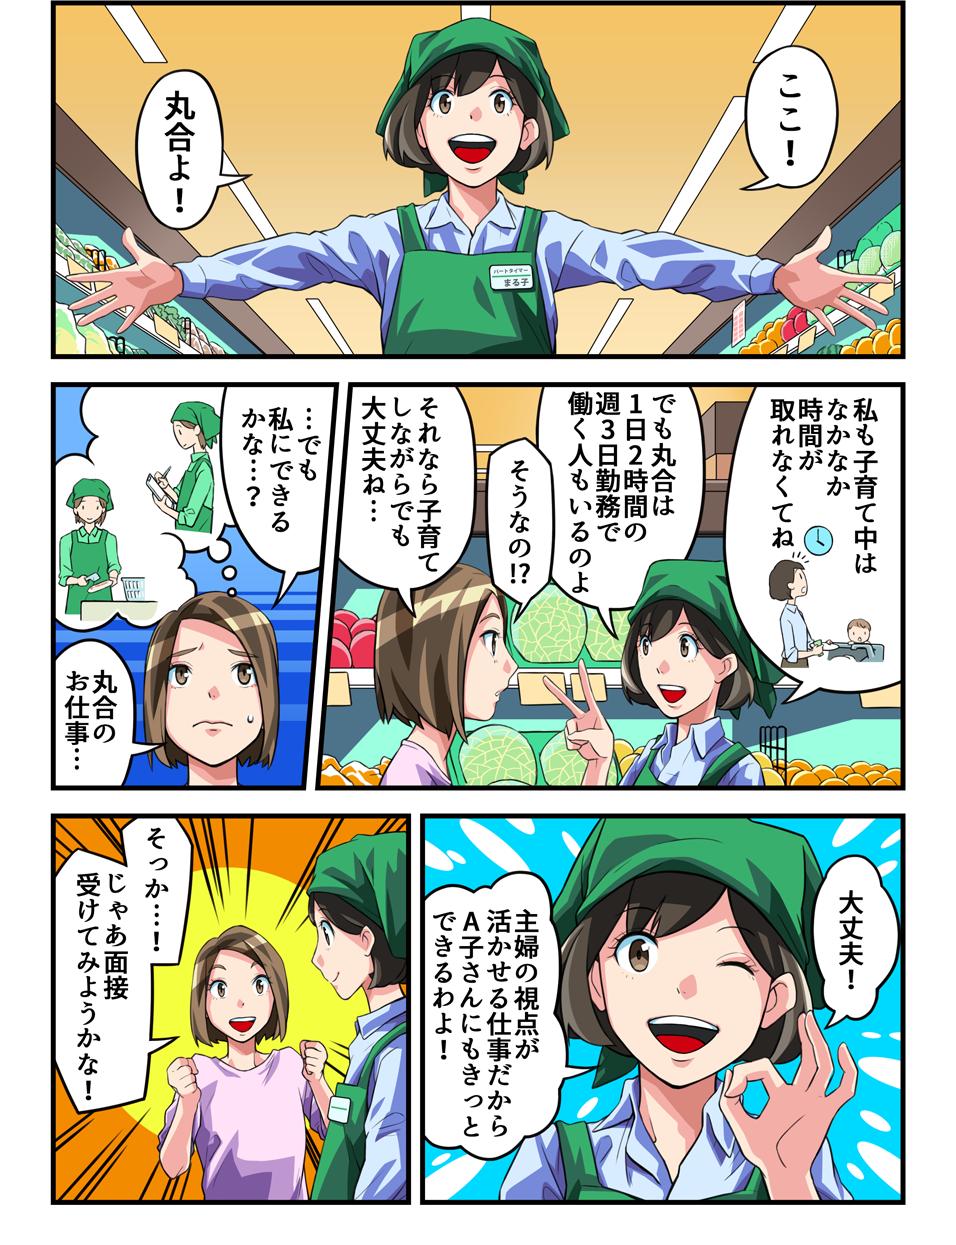 マンガ「まるごうパートナー物語」3